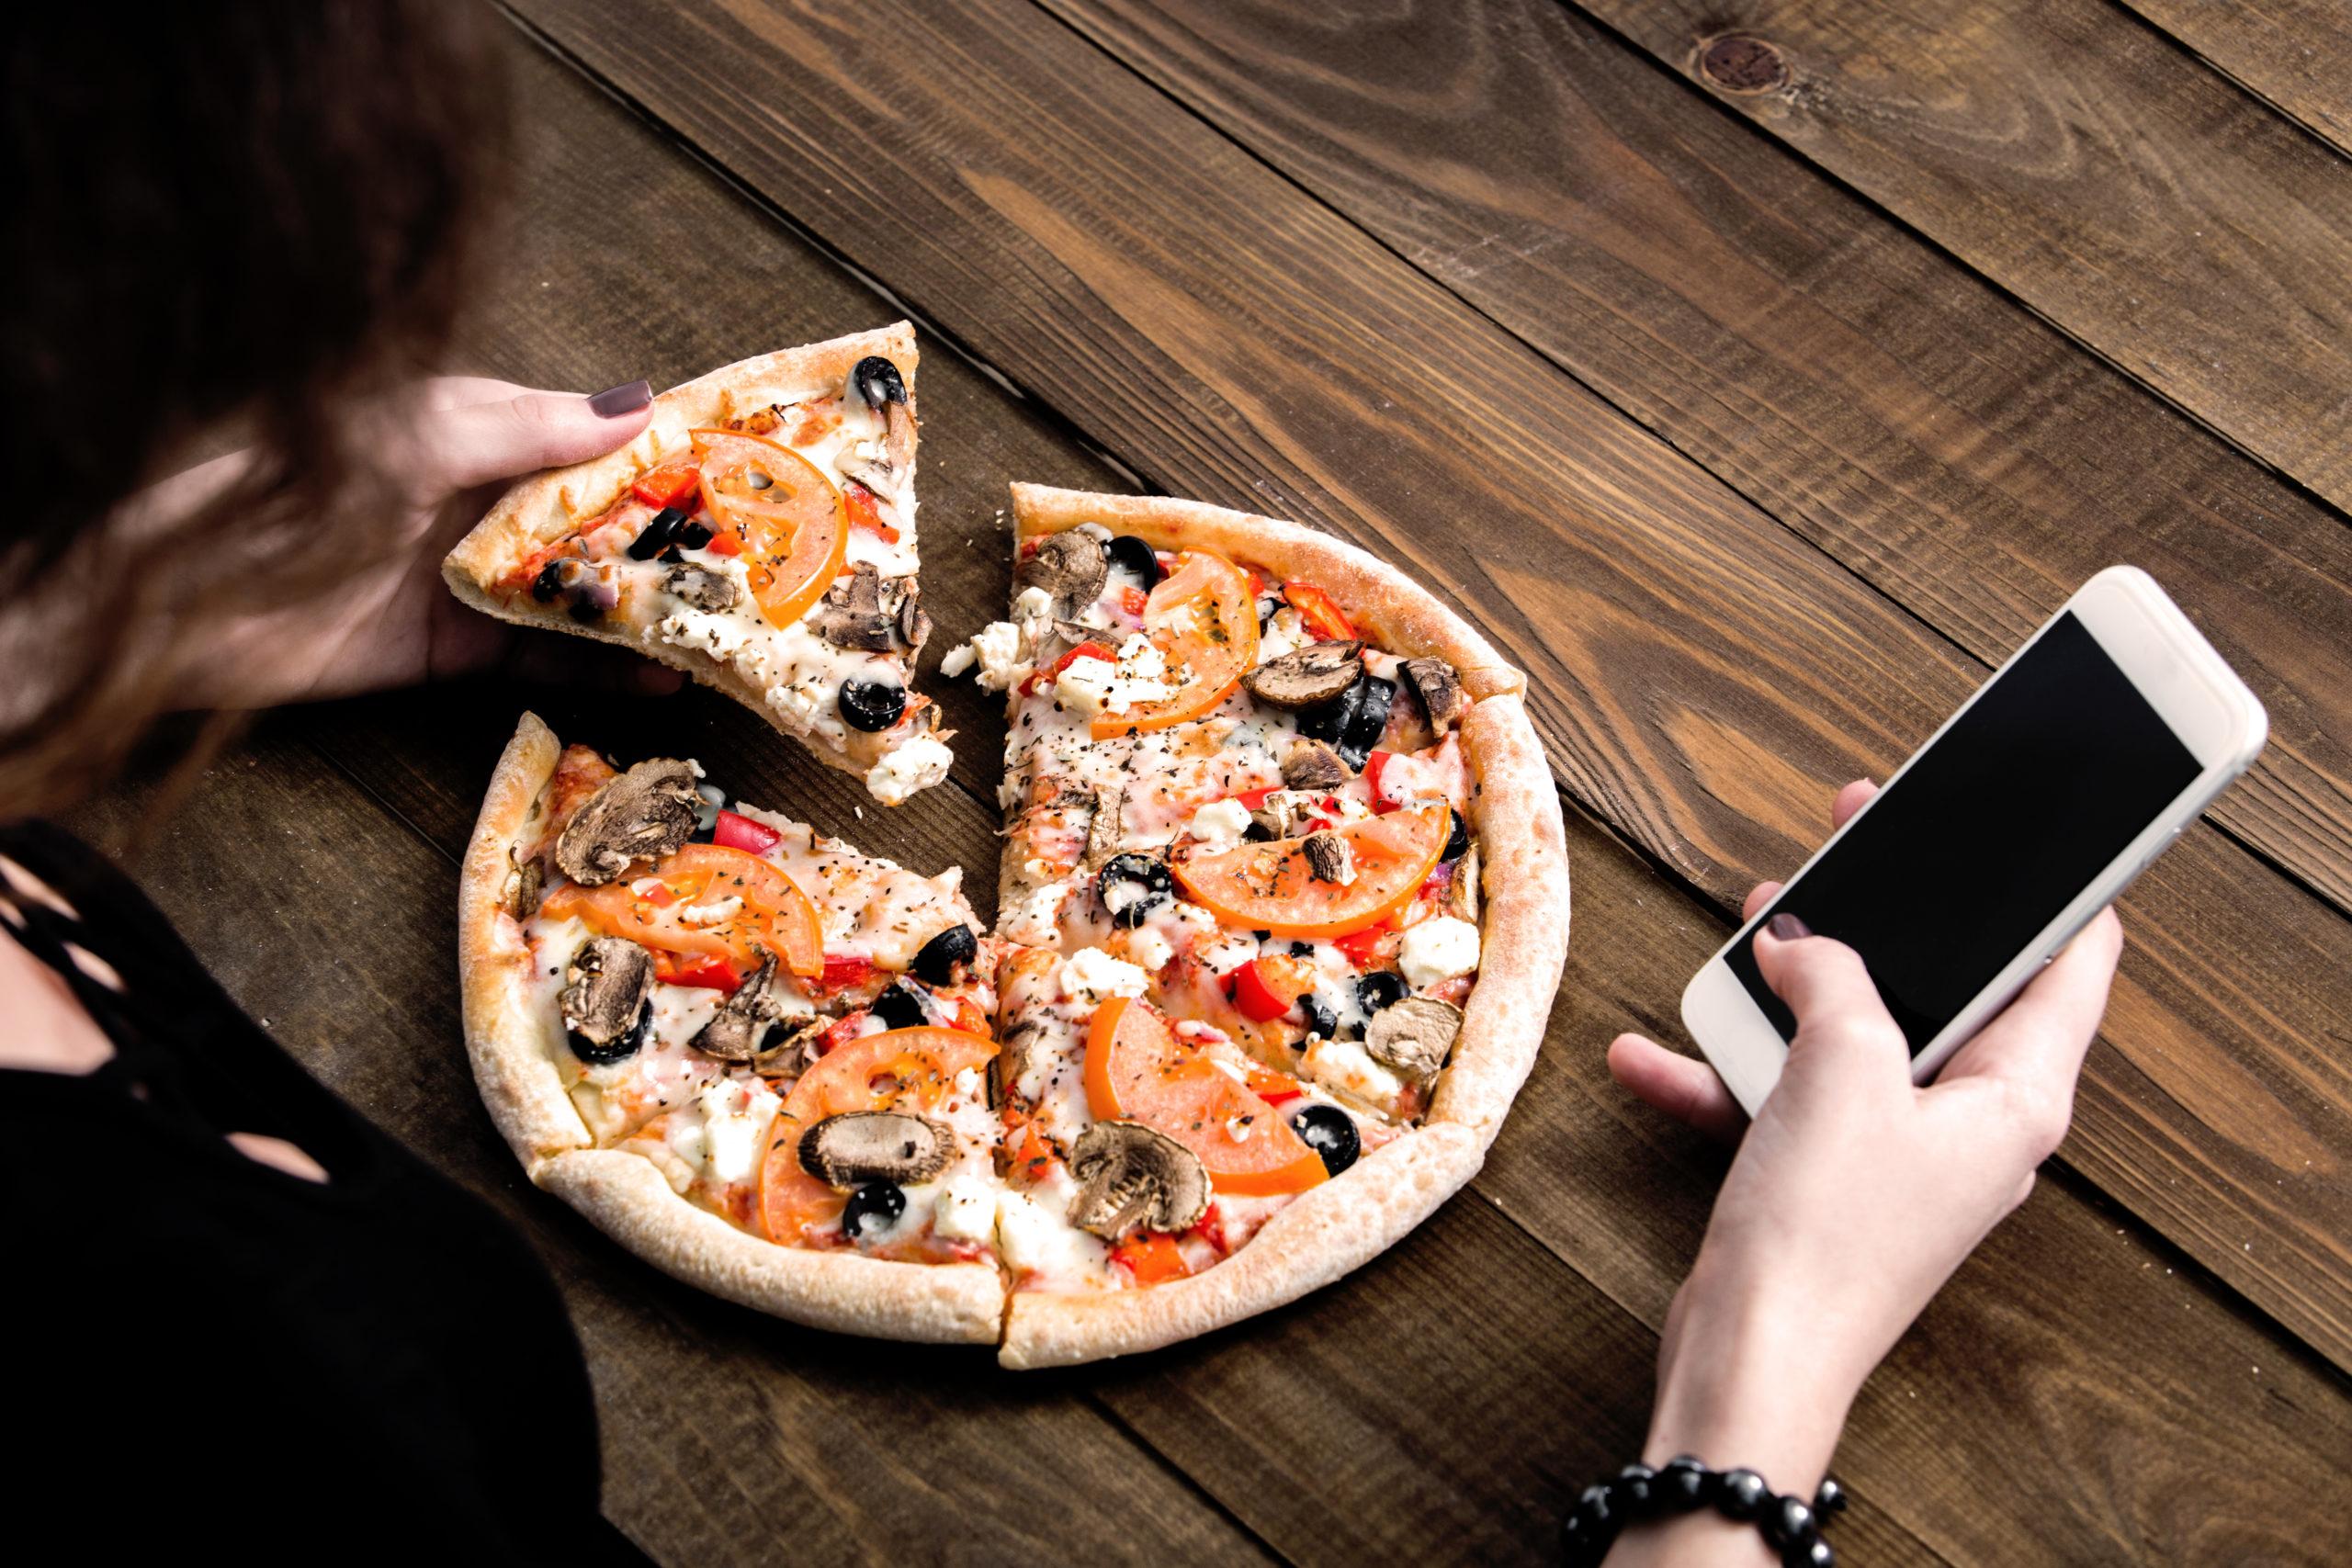 ピザ1切れのカロリーは30分のウォーキングに相当